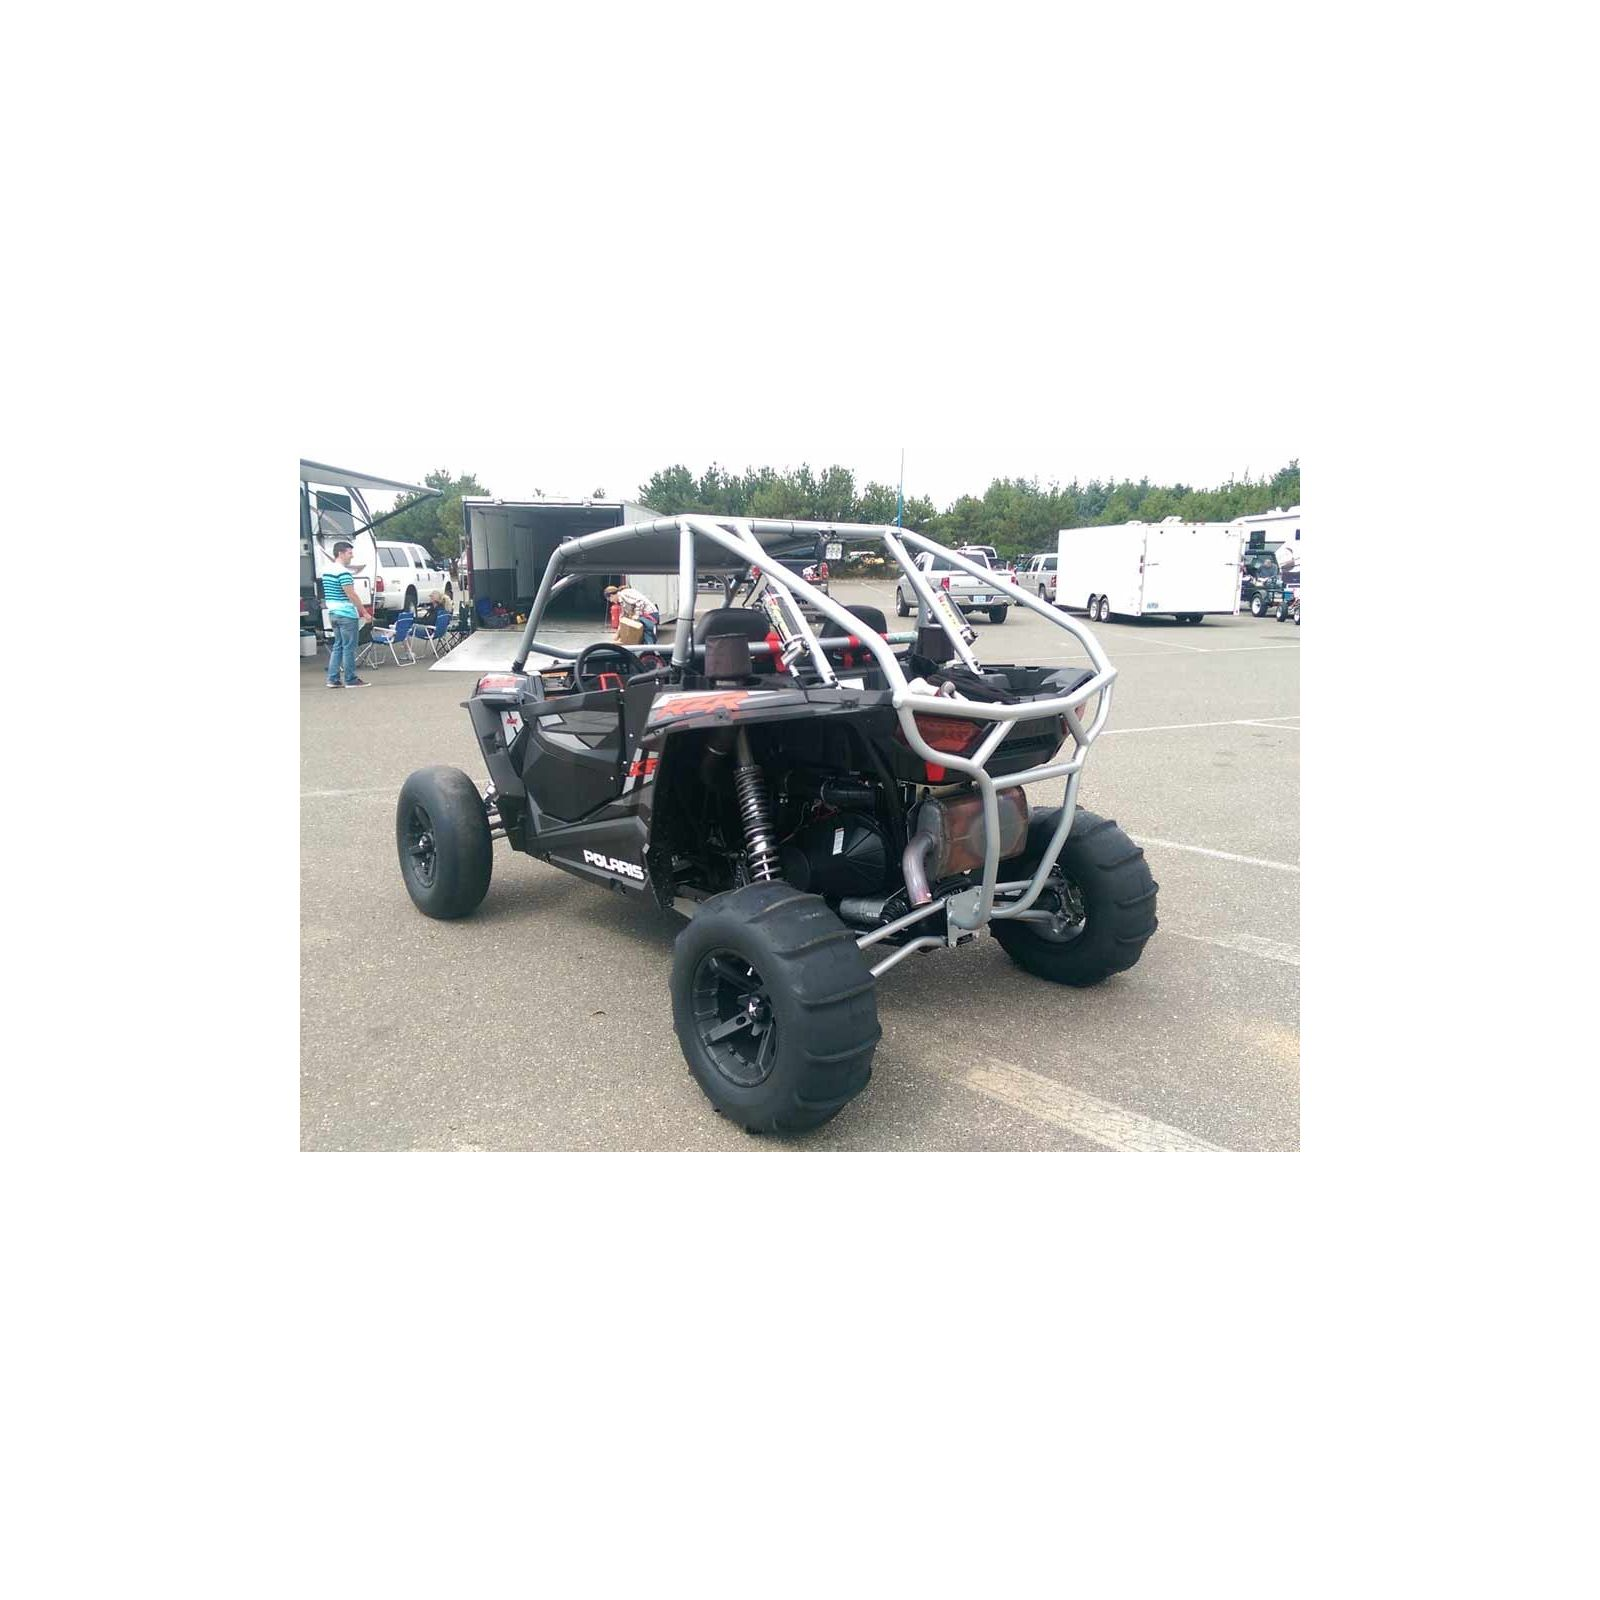 Polaris Rzr Xp1000 Turbo Roll Cage W Radius Bends